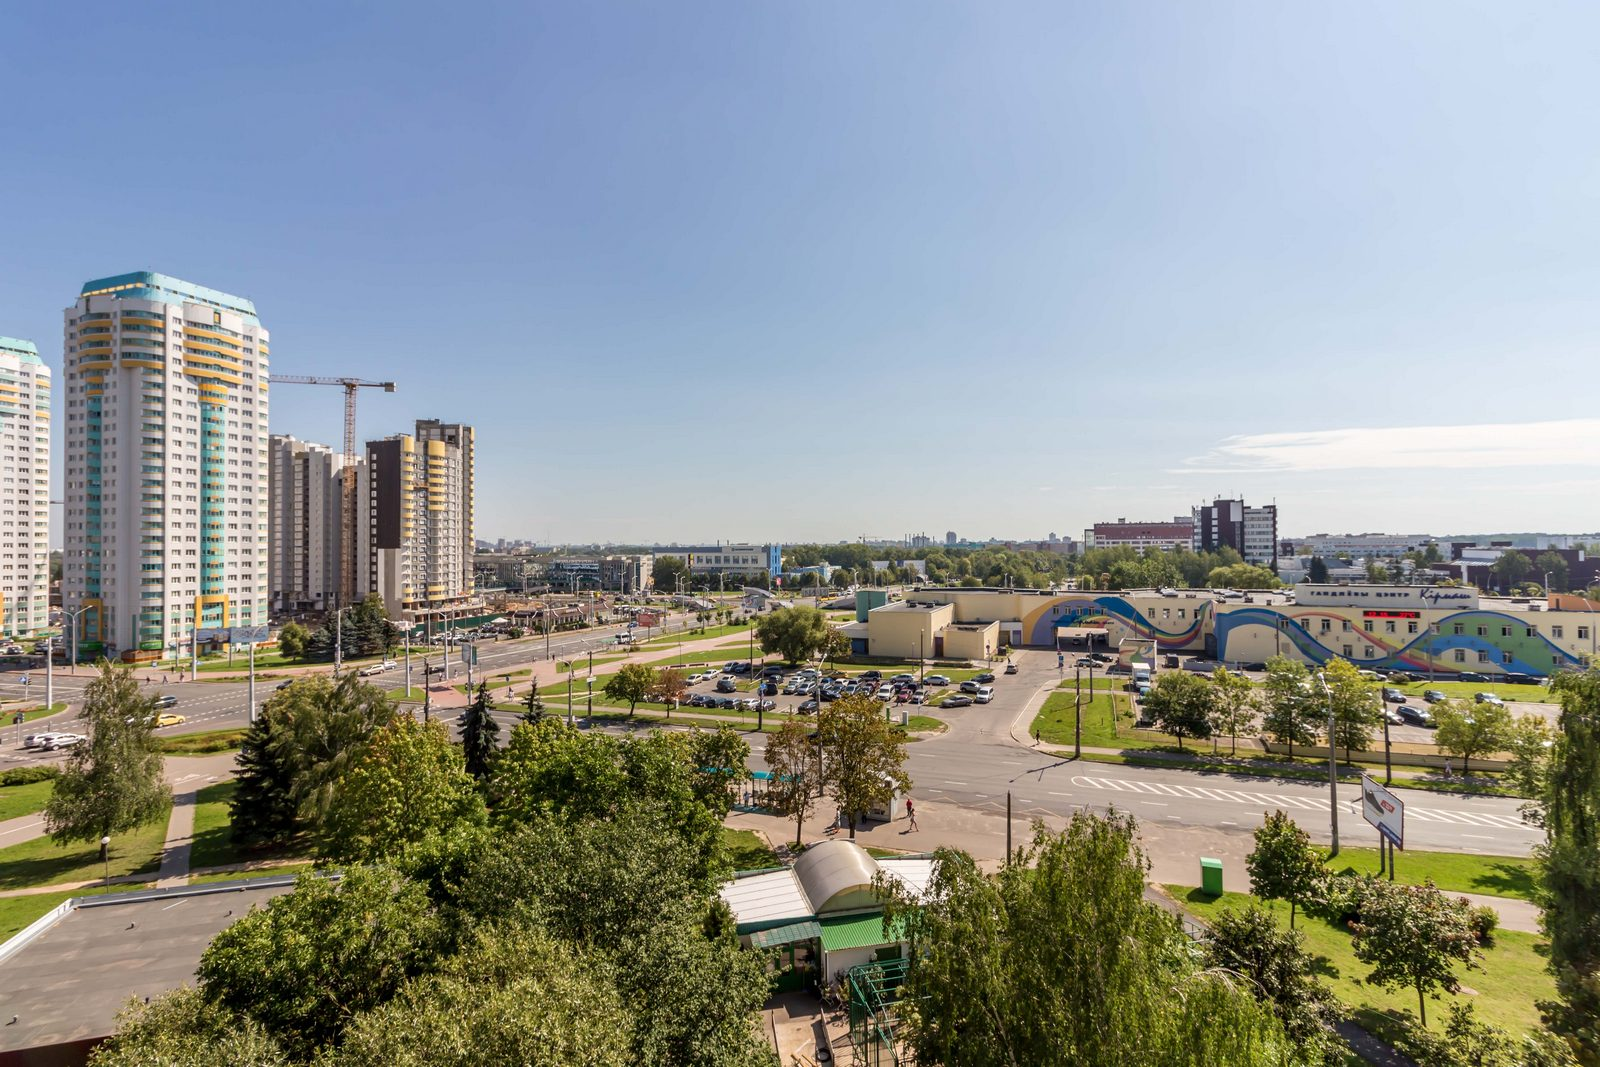 Продажа двухкомнатной квартиры, Минск, Голубева ул., 1 - фото 2